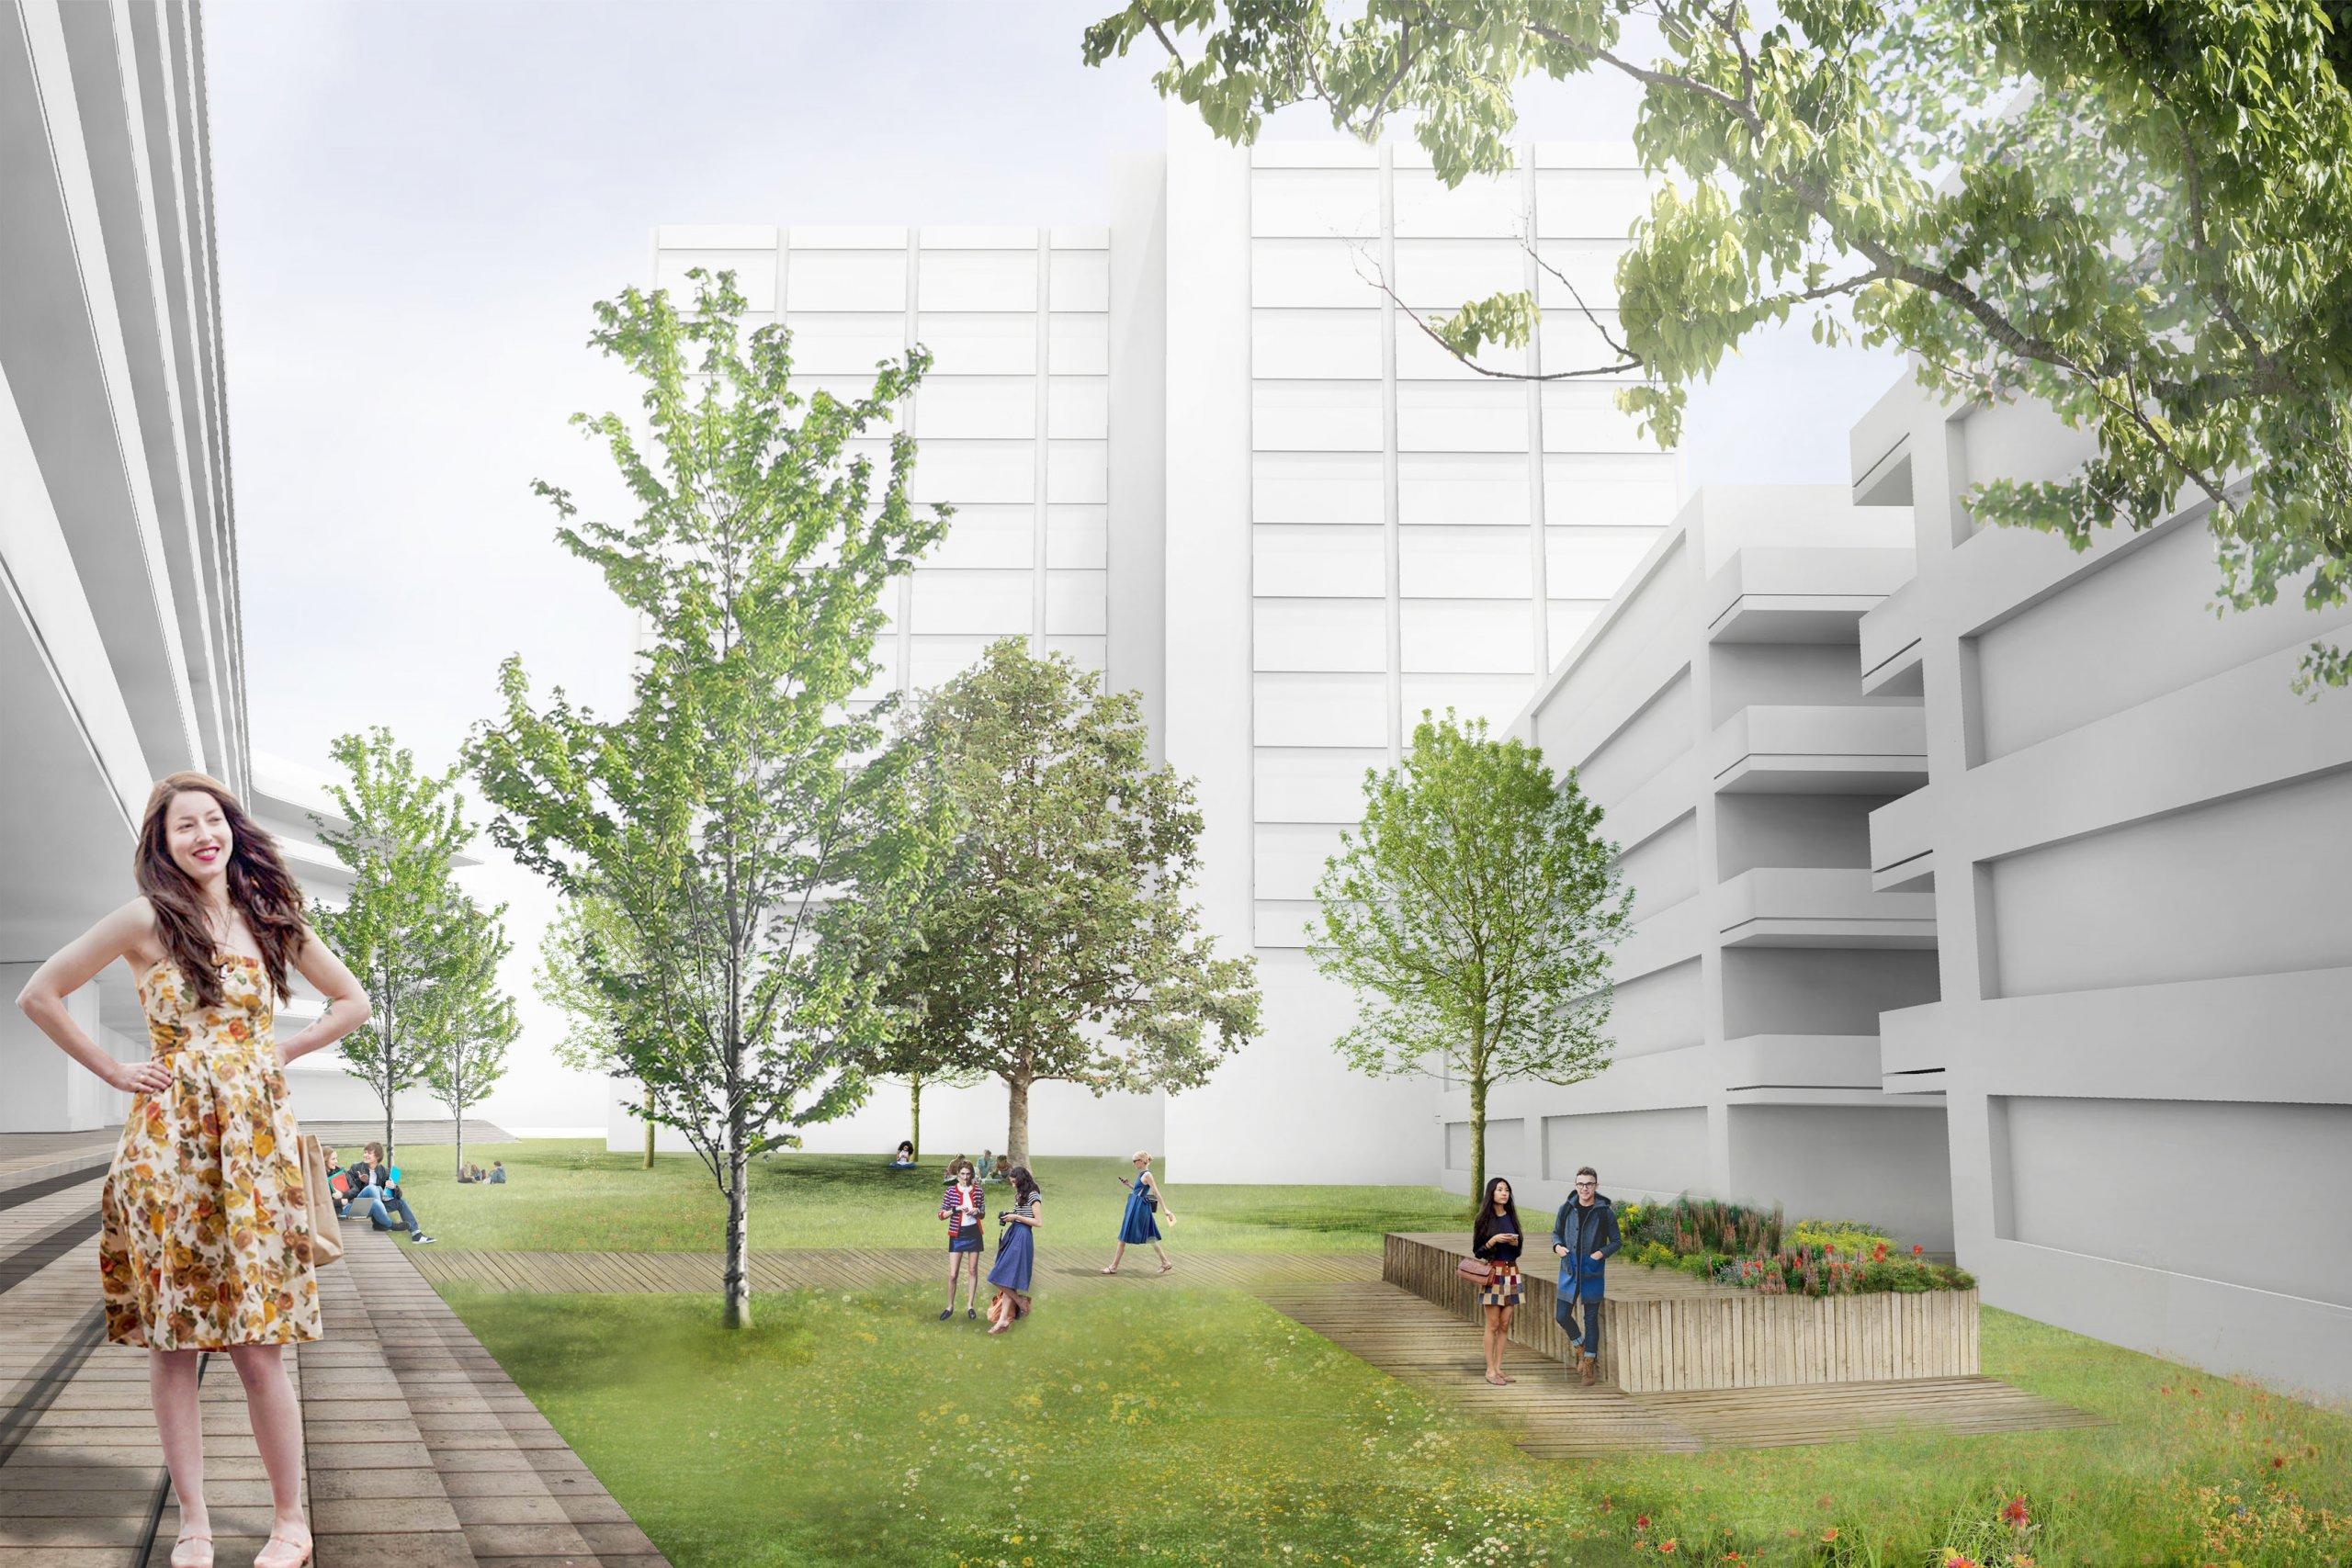 render van het binnenterrein van de campus met veel groen